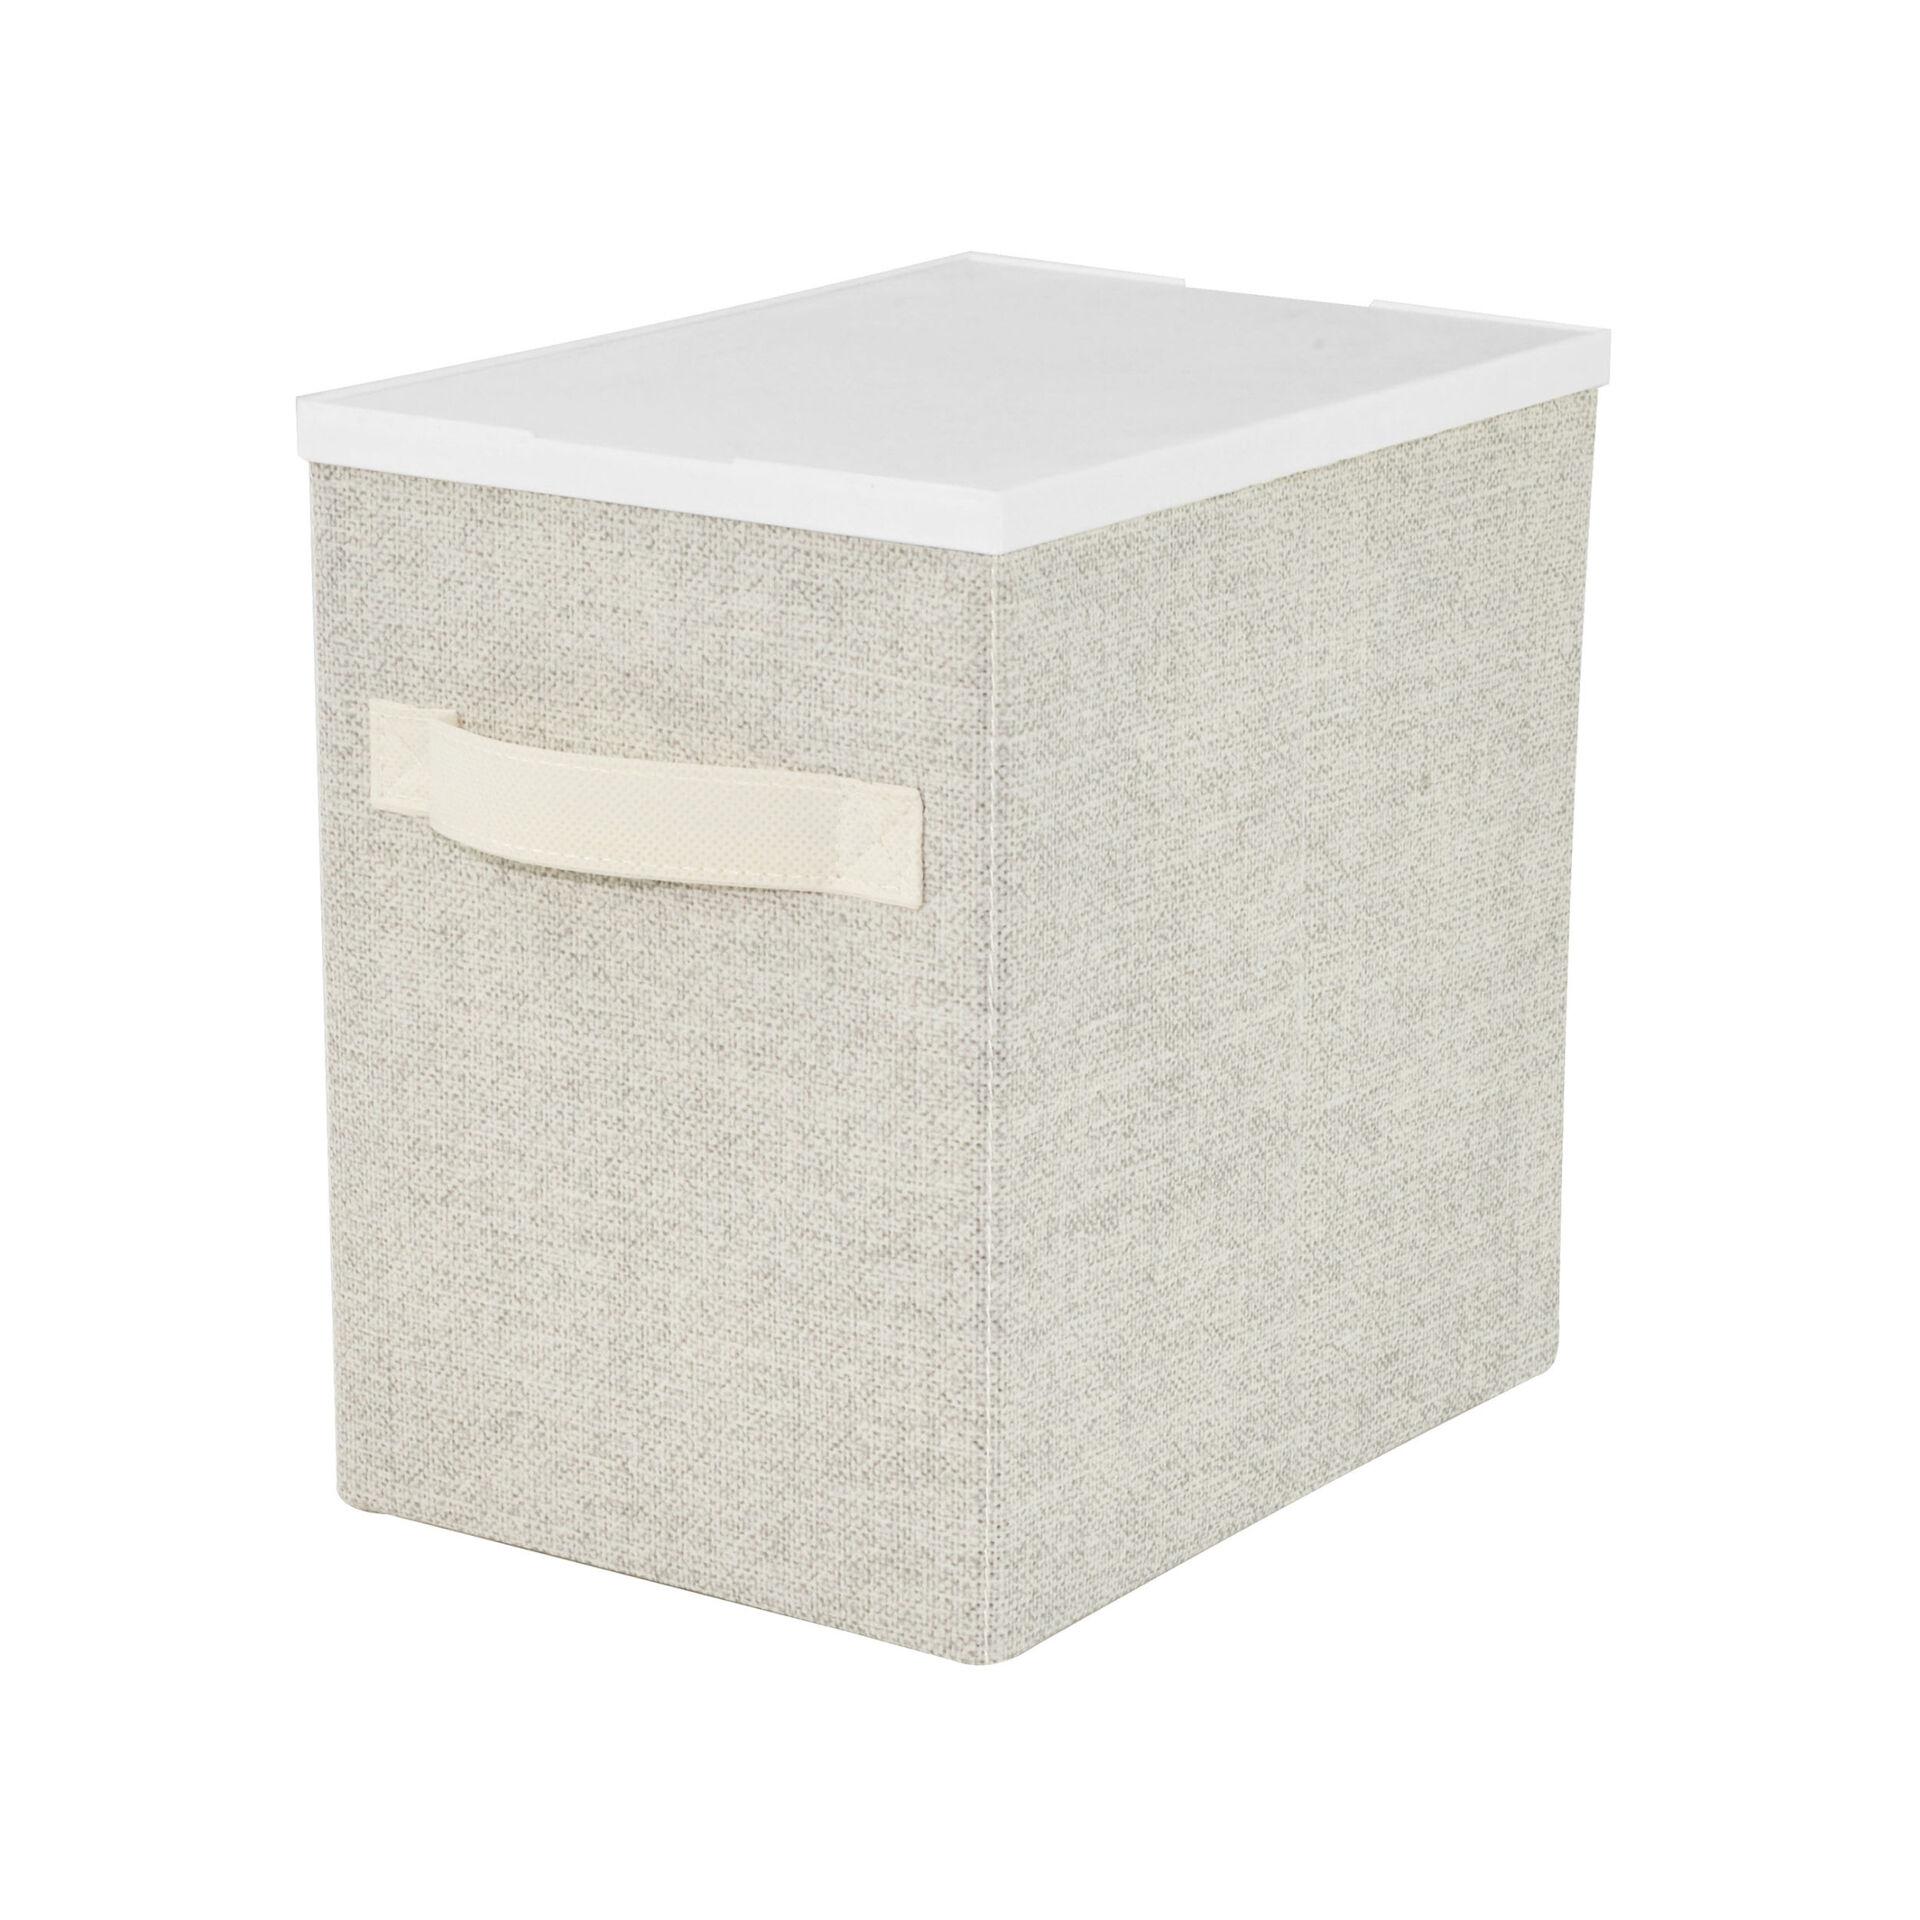 Boîte de rangement pliable 19 x 26,5 x 26,5 cm, , large